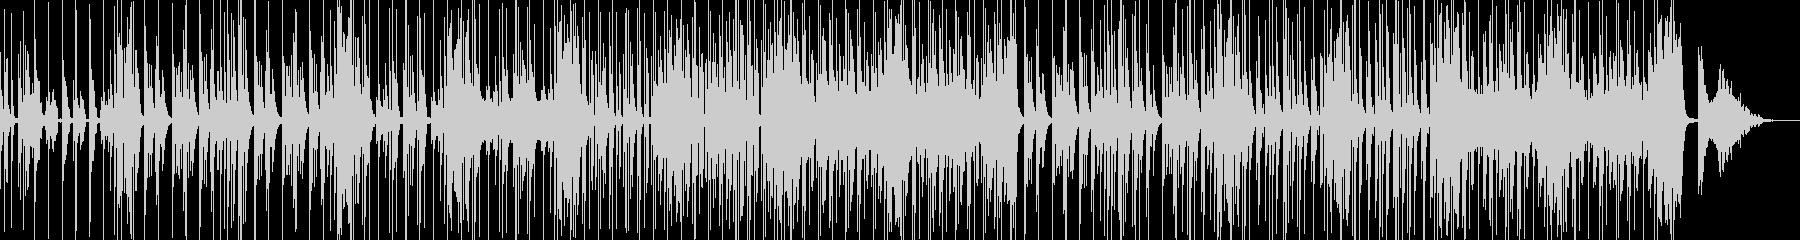 コメディやギャグに適したBGM Dの未再生の波形